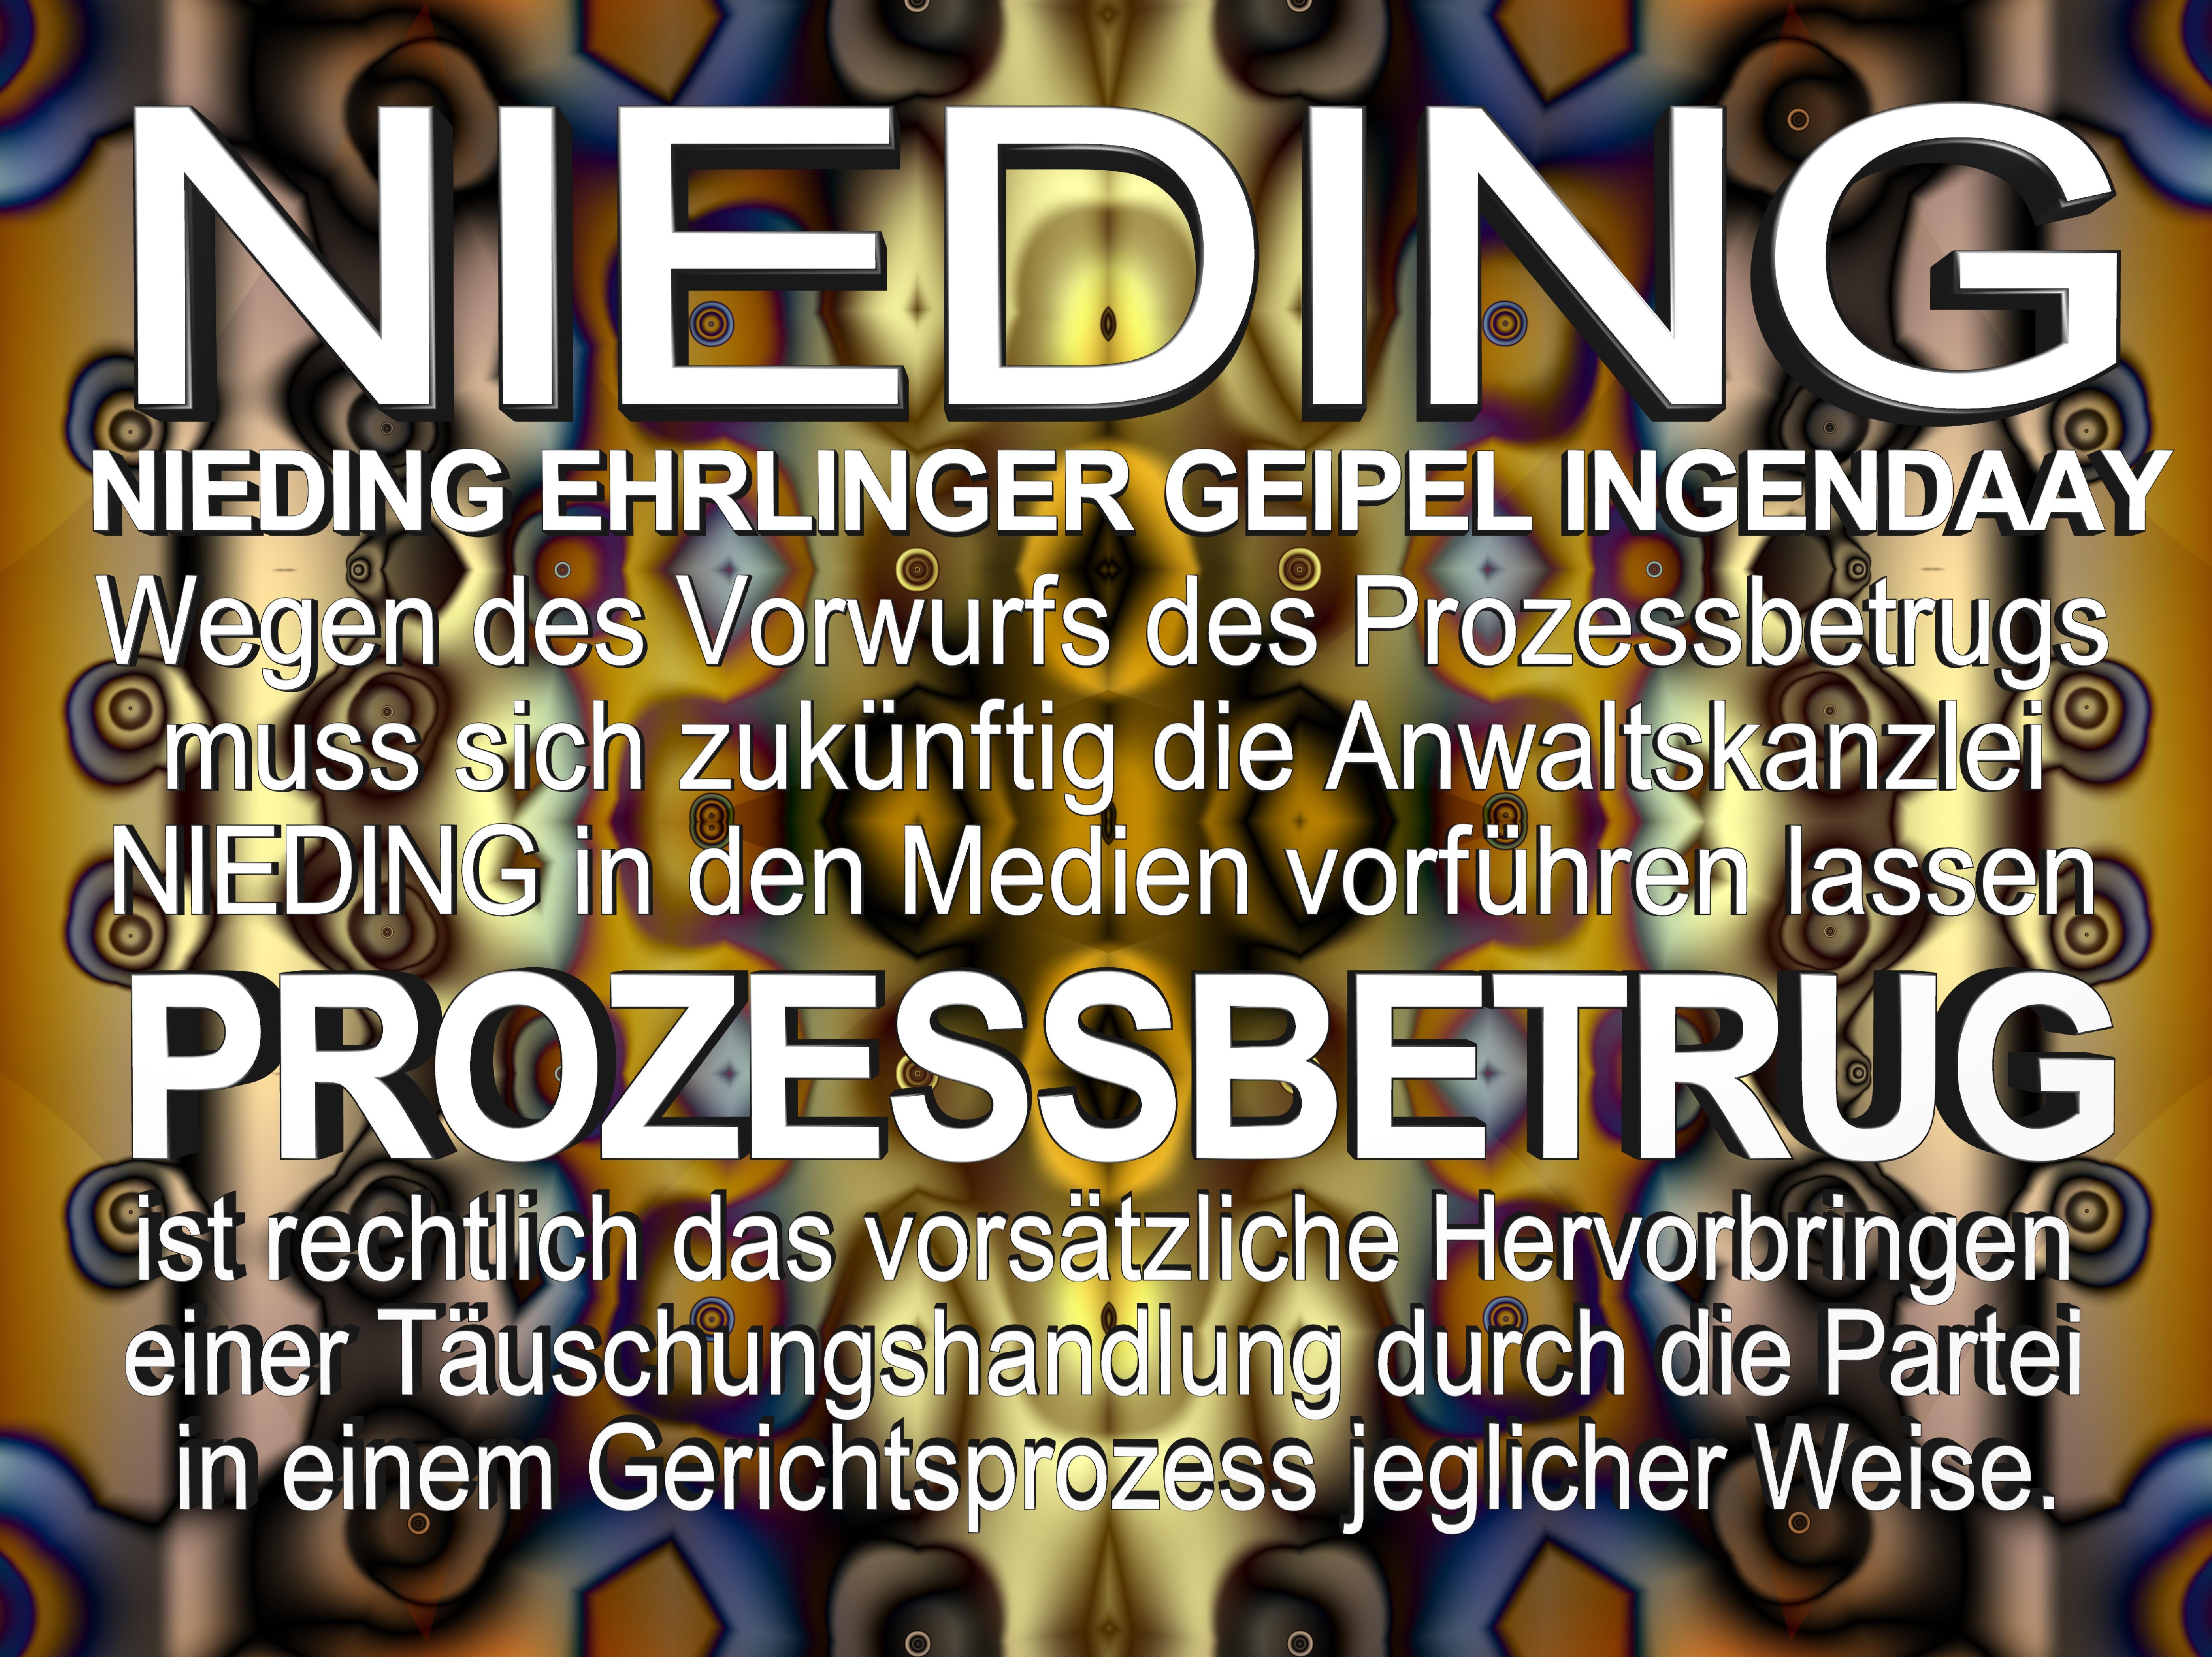 NIEDING EHRLINGER GEIPEL INGENDAAY LELKE Kurfürstendamm 66 Berlin (169)